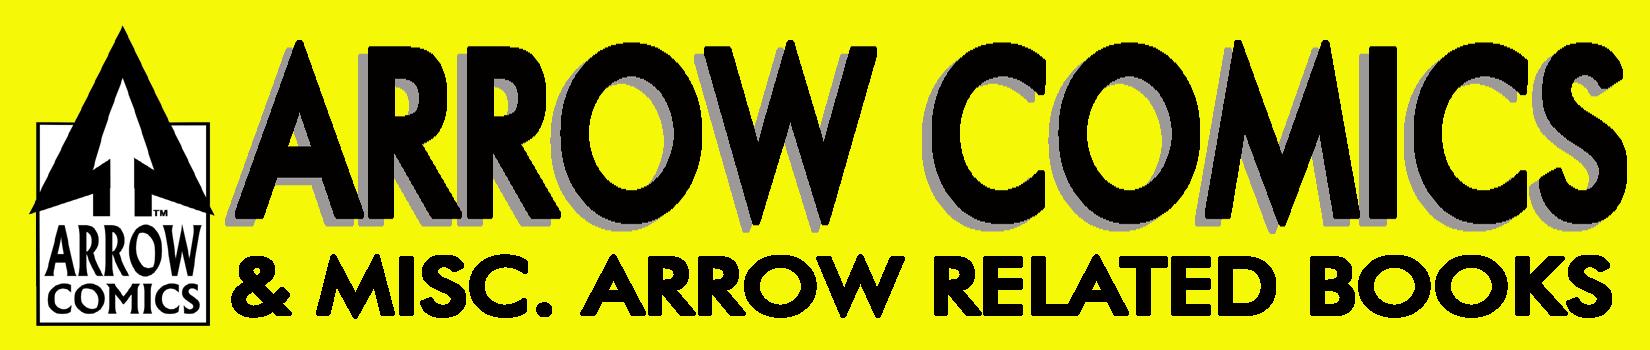 ArrowComics